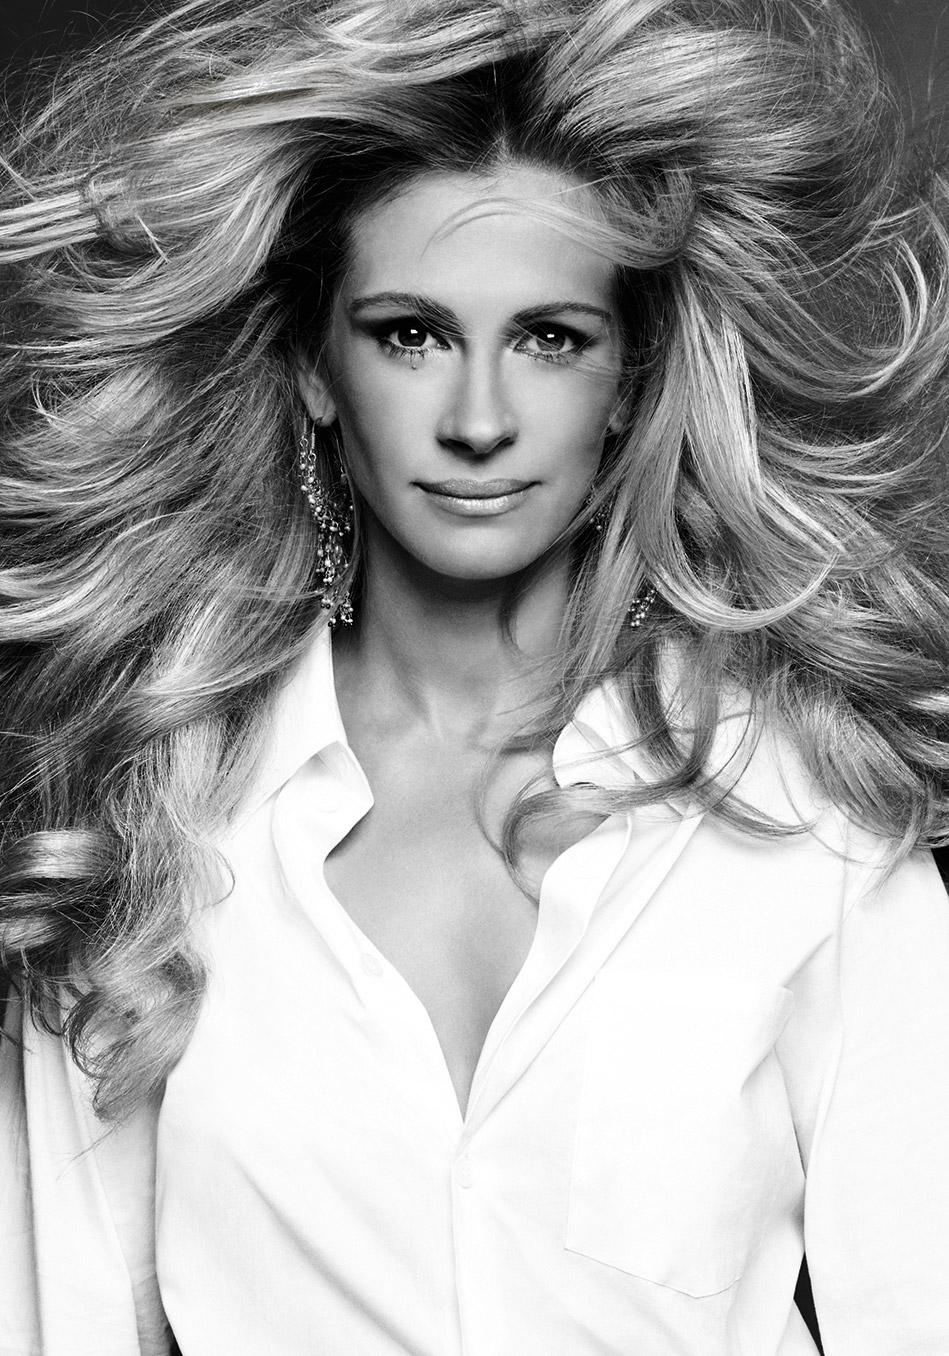 Thinning Hair Treatments - Get Fuller Hair